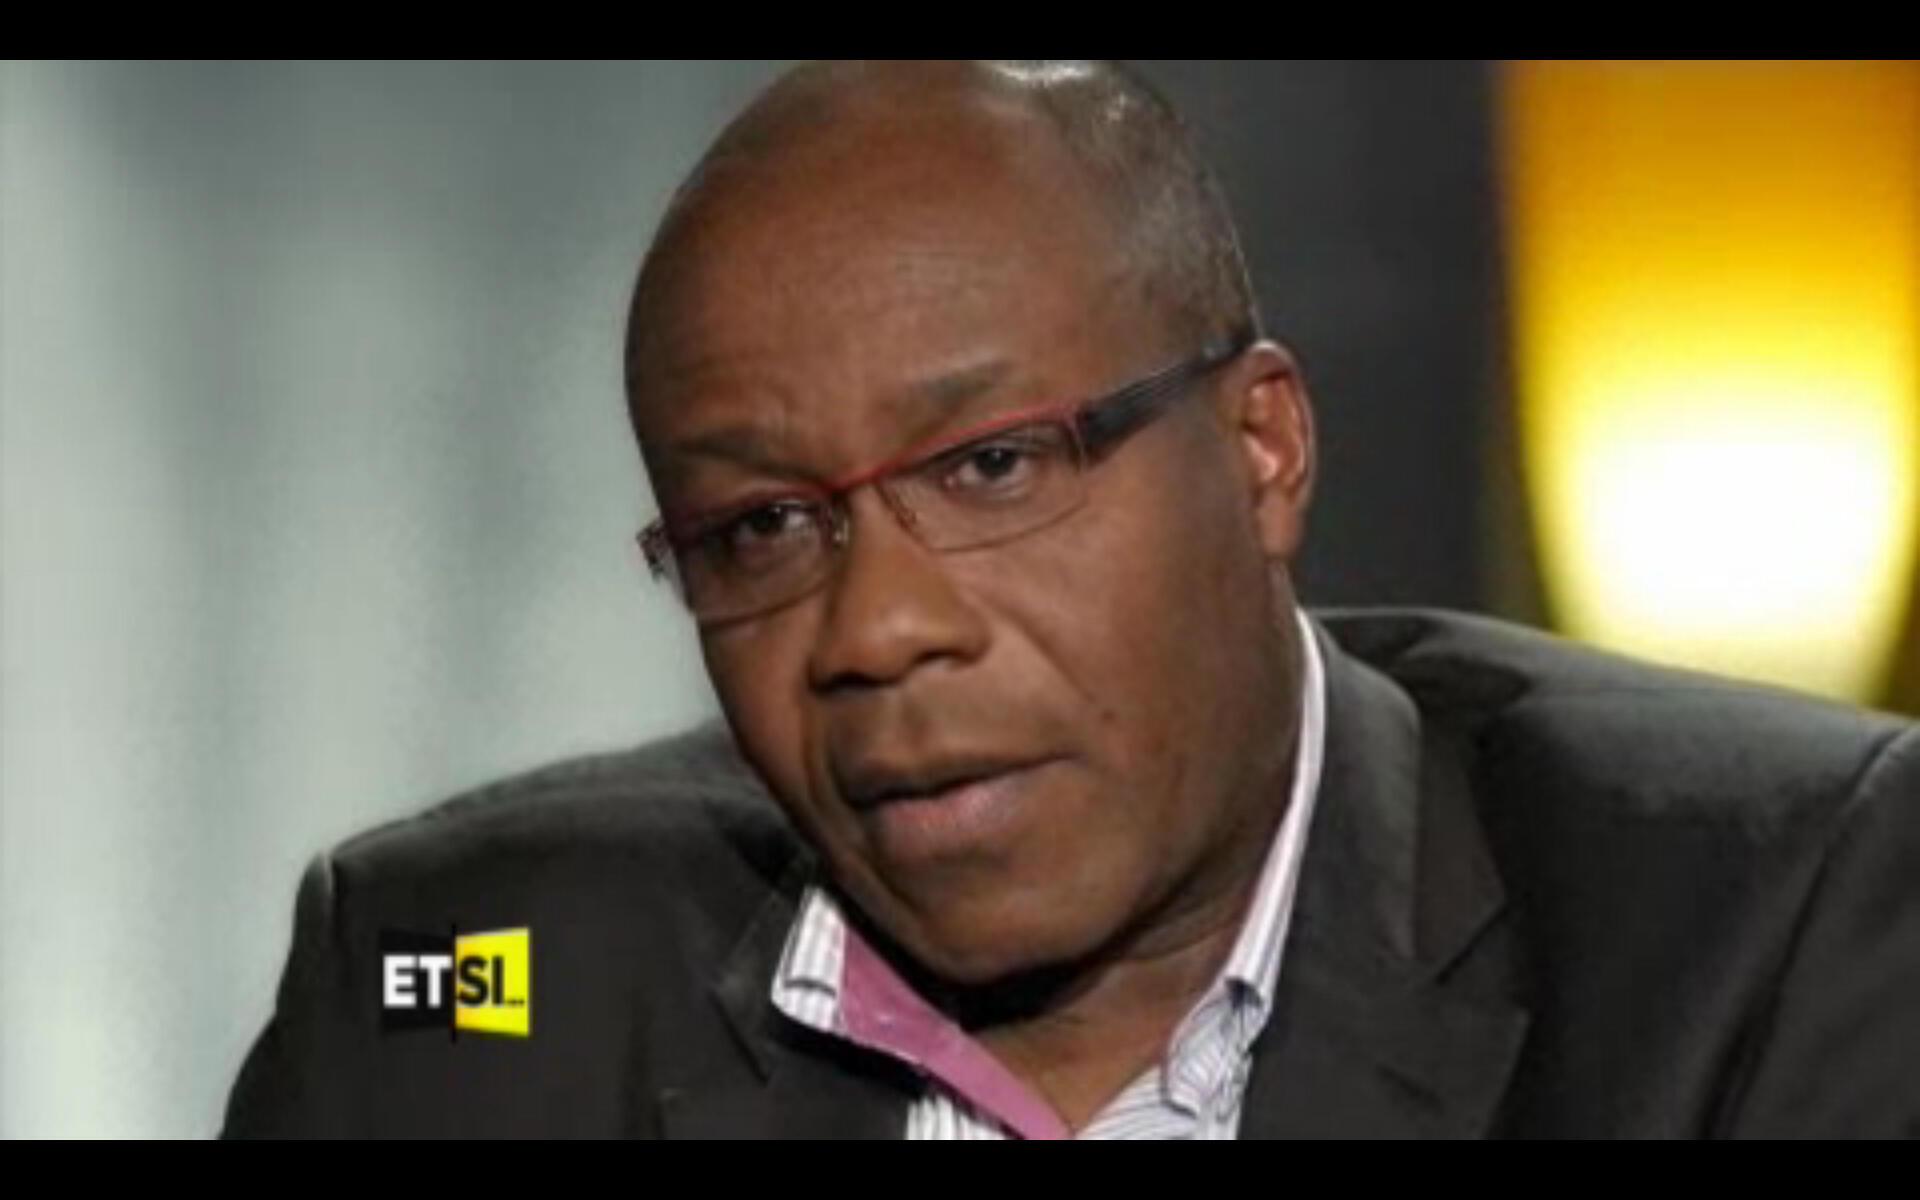 Le journaliste Francis Kpatindé lors de l'émission «Et si vous me disiez toute la vérité» sur TV5Monde.